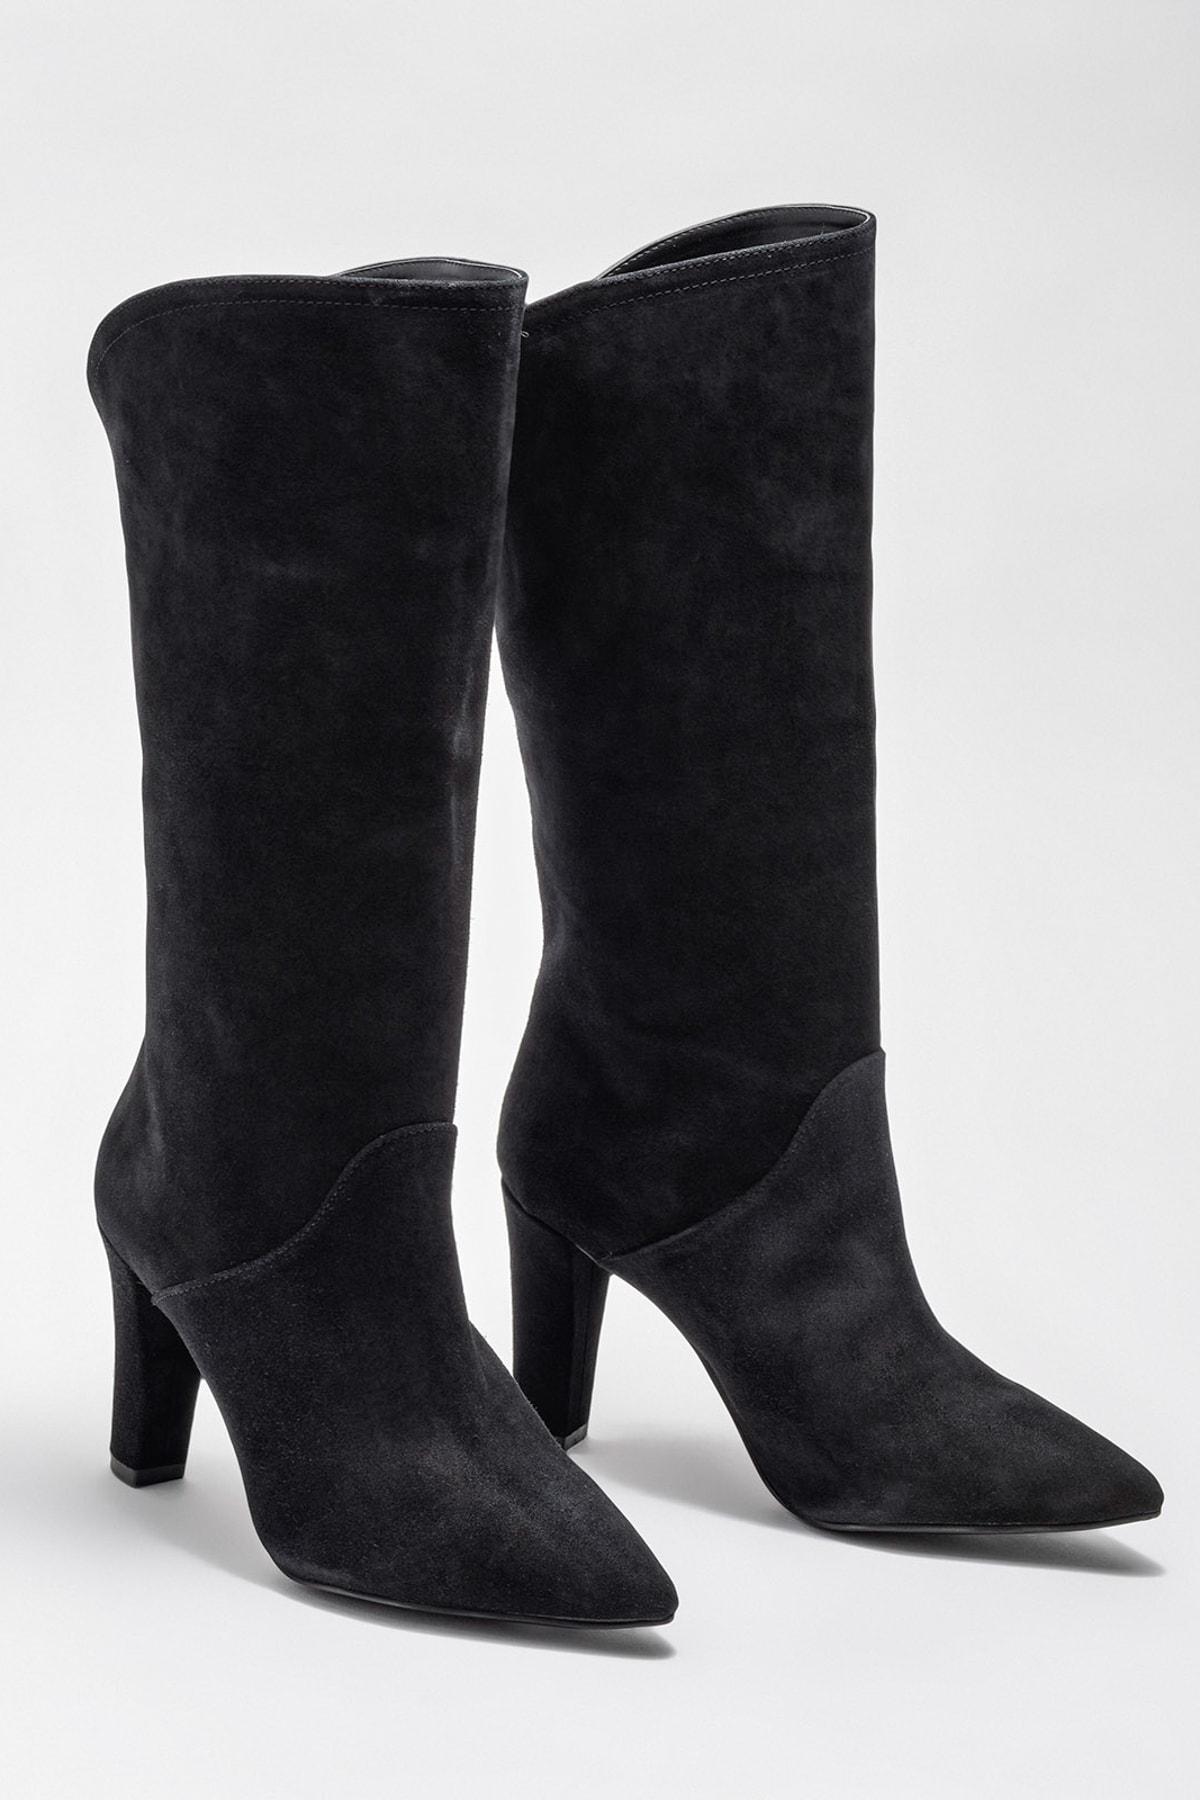 Elle Shoes Kadın Jorayn Sıyah Çizme 20KDS55212 2